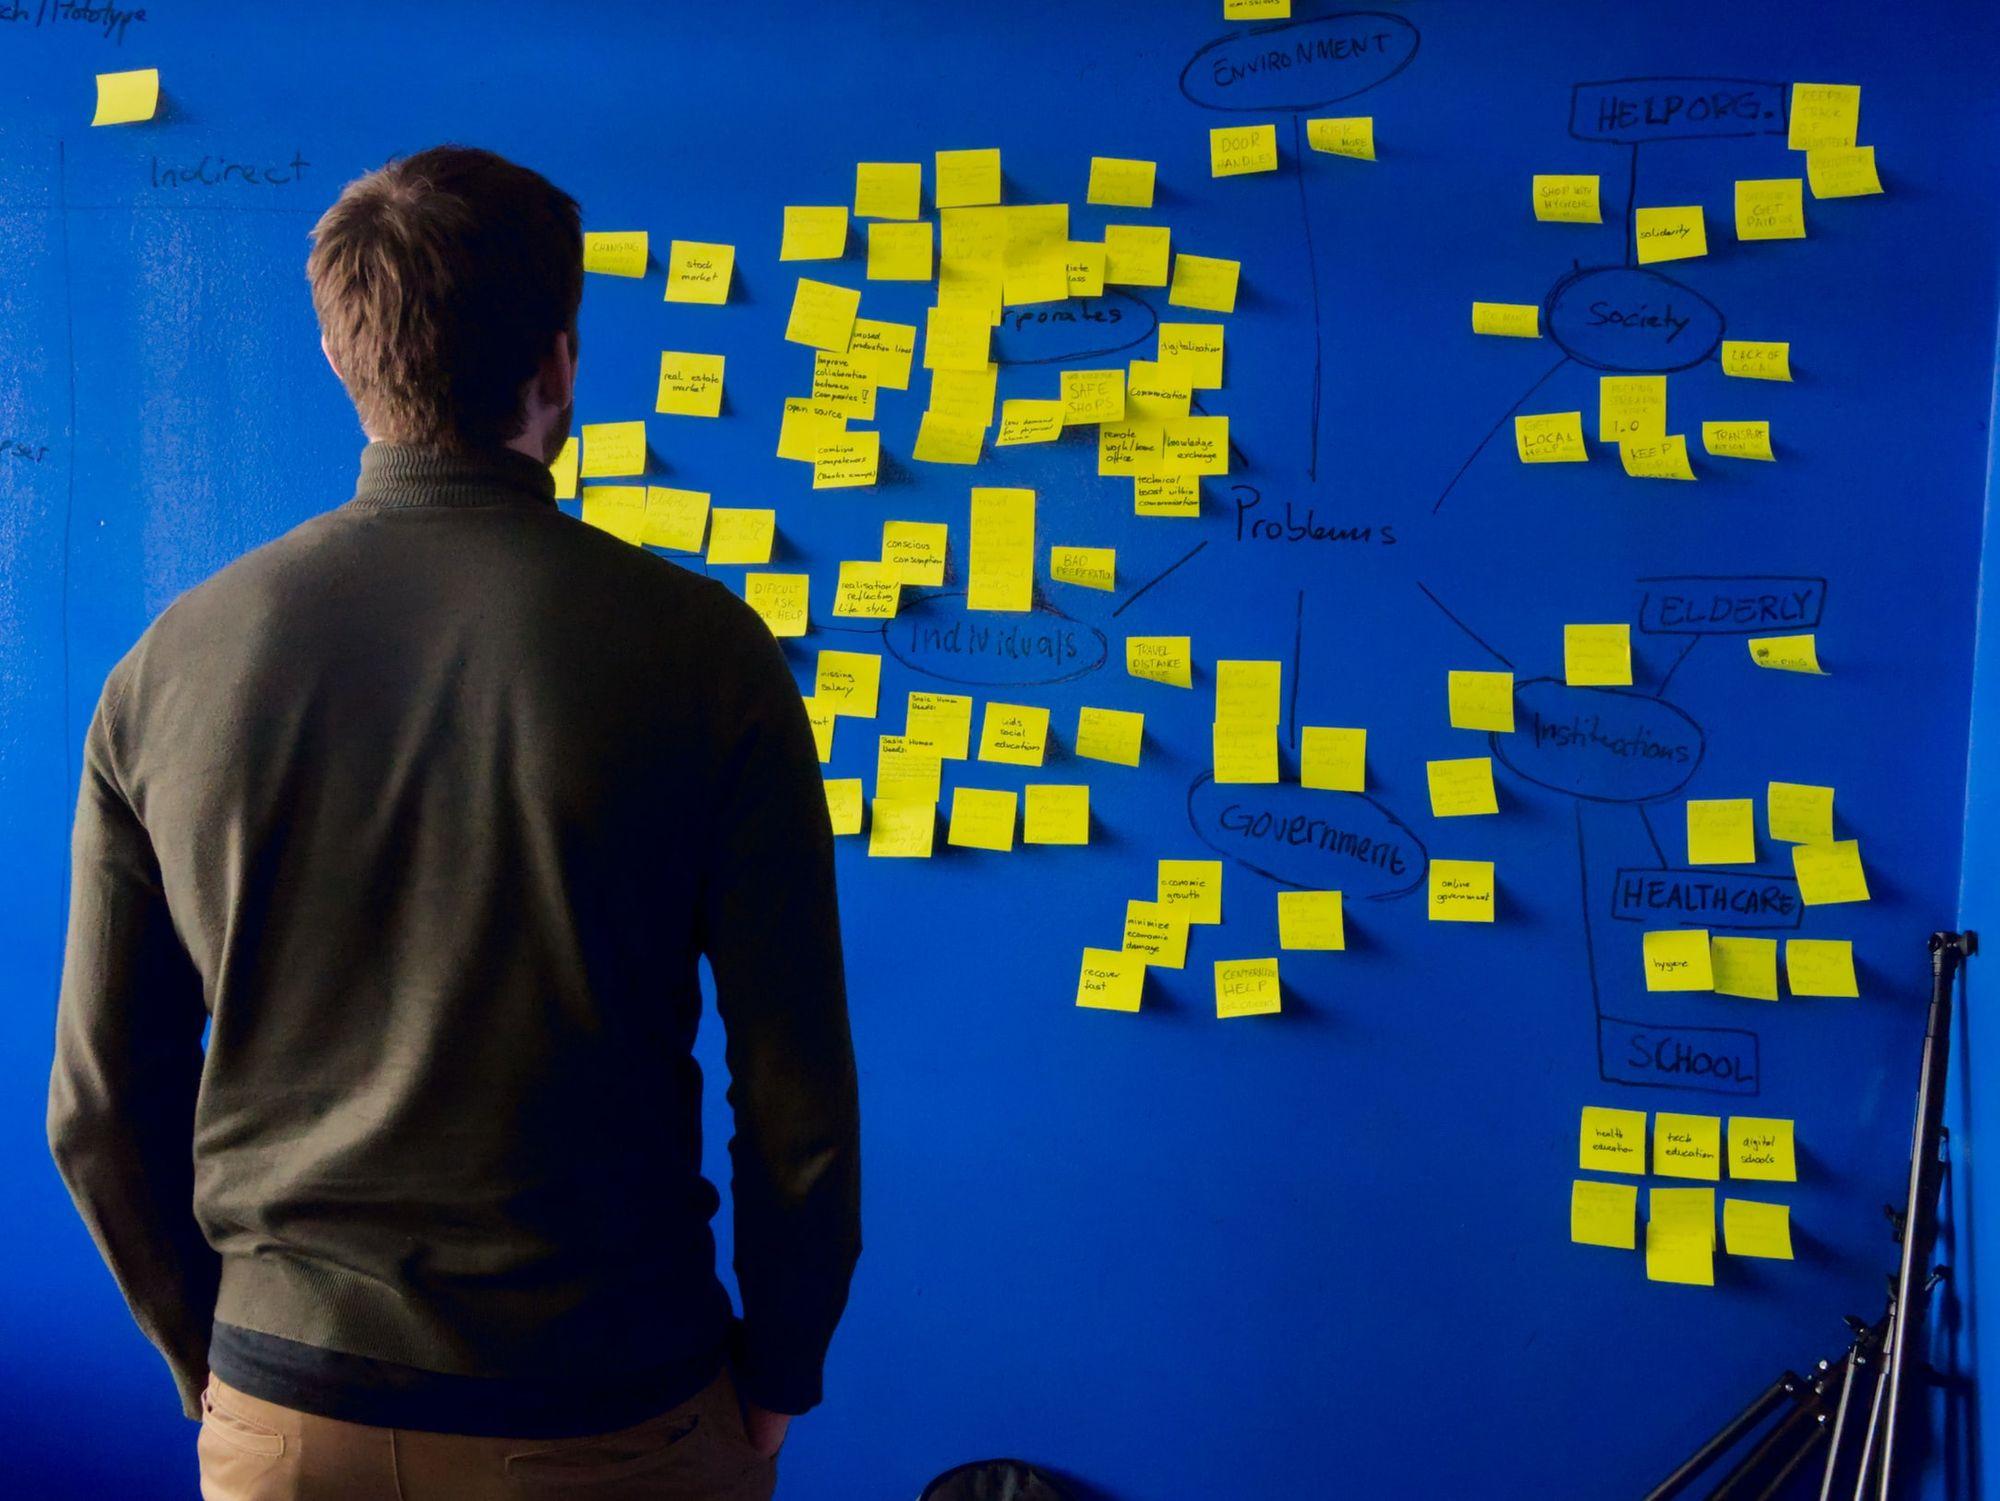 How do you develop innovative ideas?